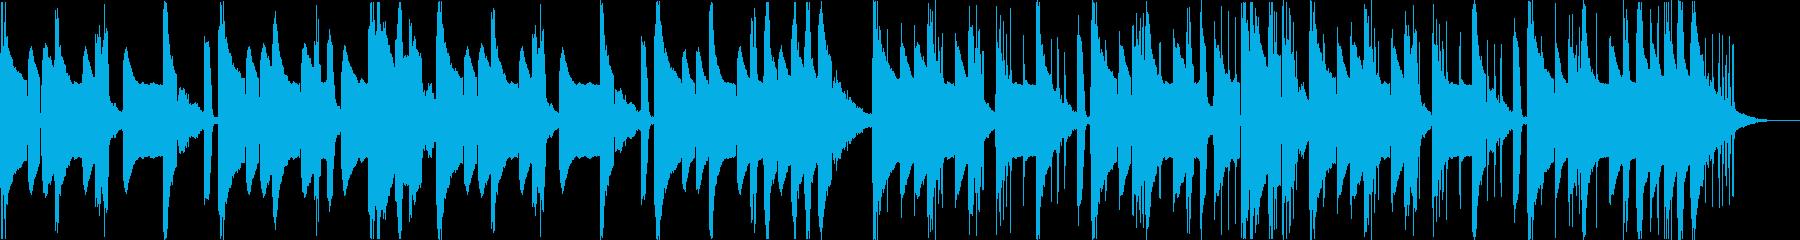 怪しい不気味コミカルなヒップホップdの再生済みの波形